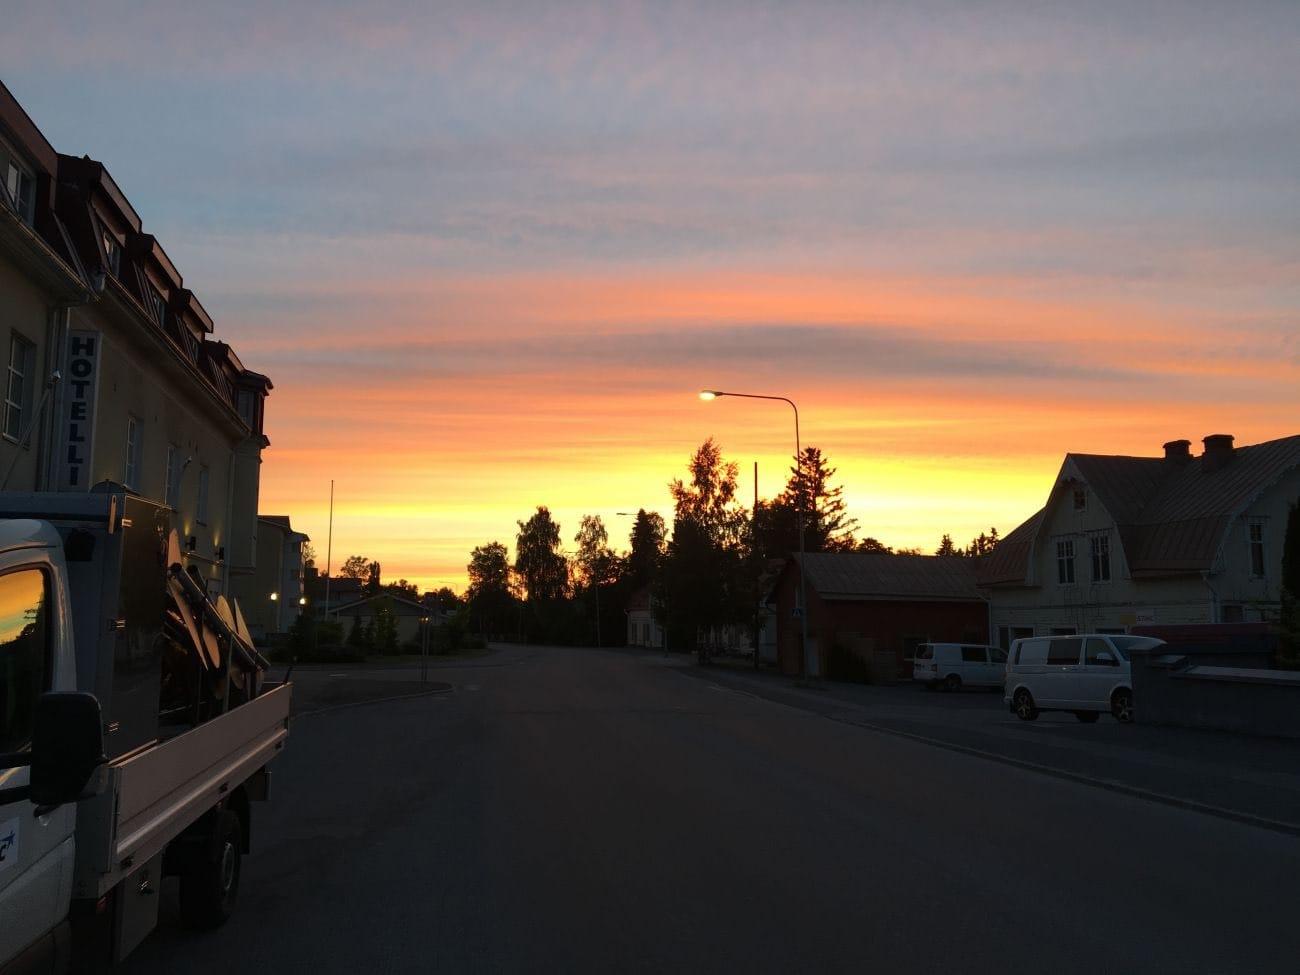 Mitternacht in Finnalnd